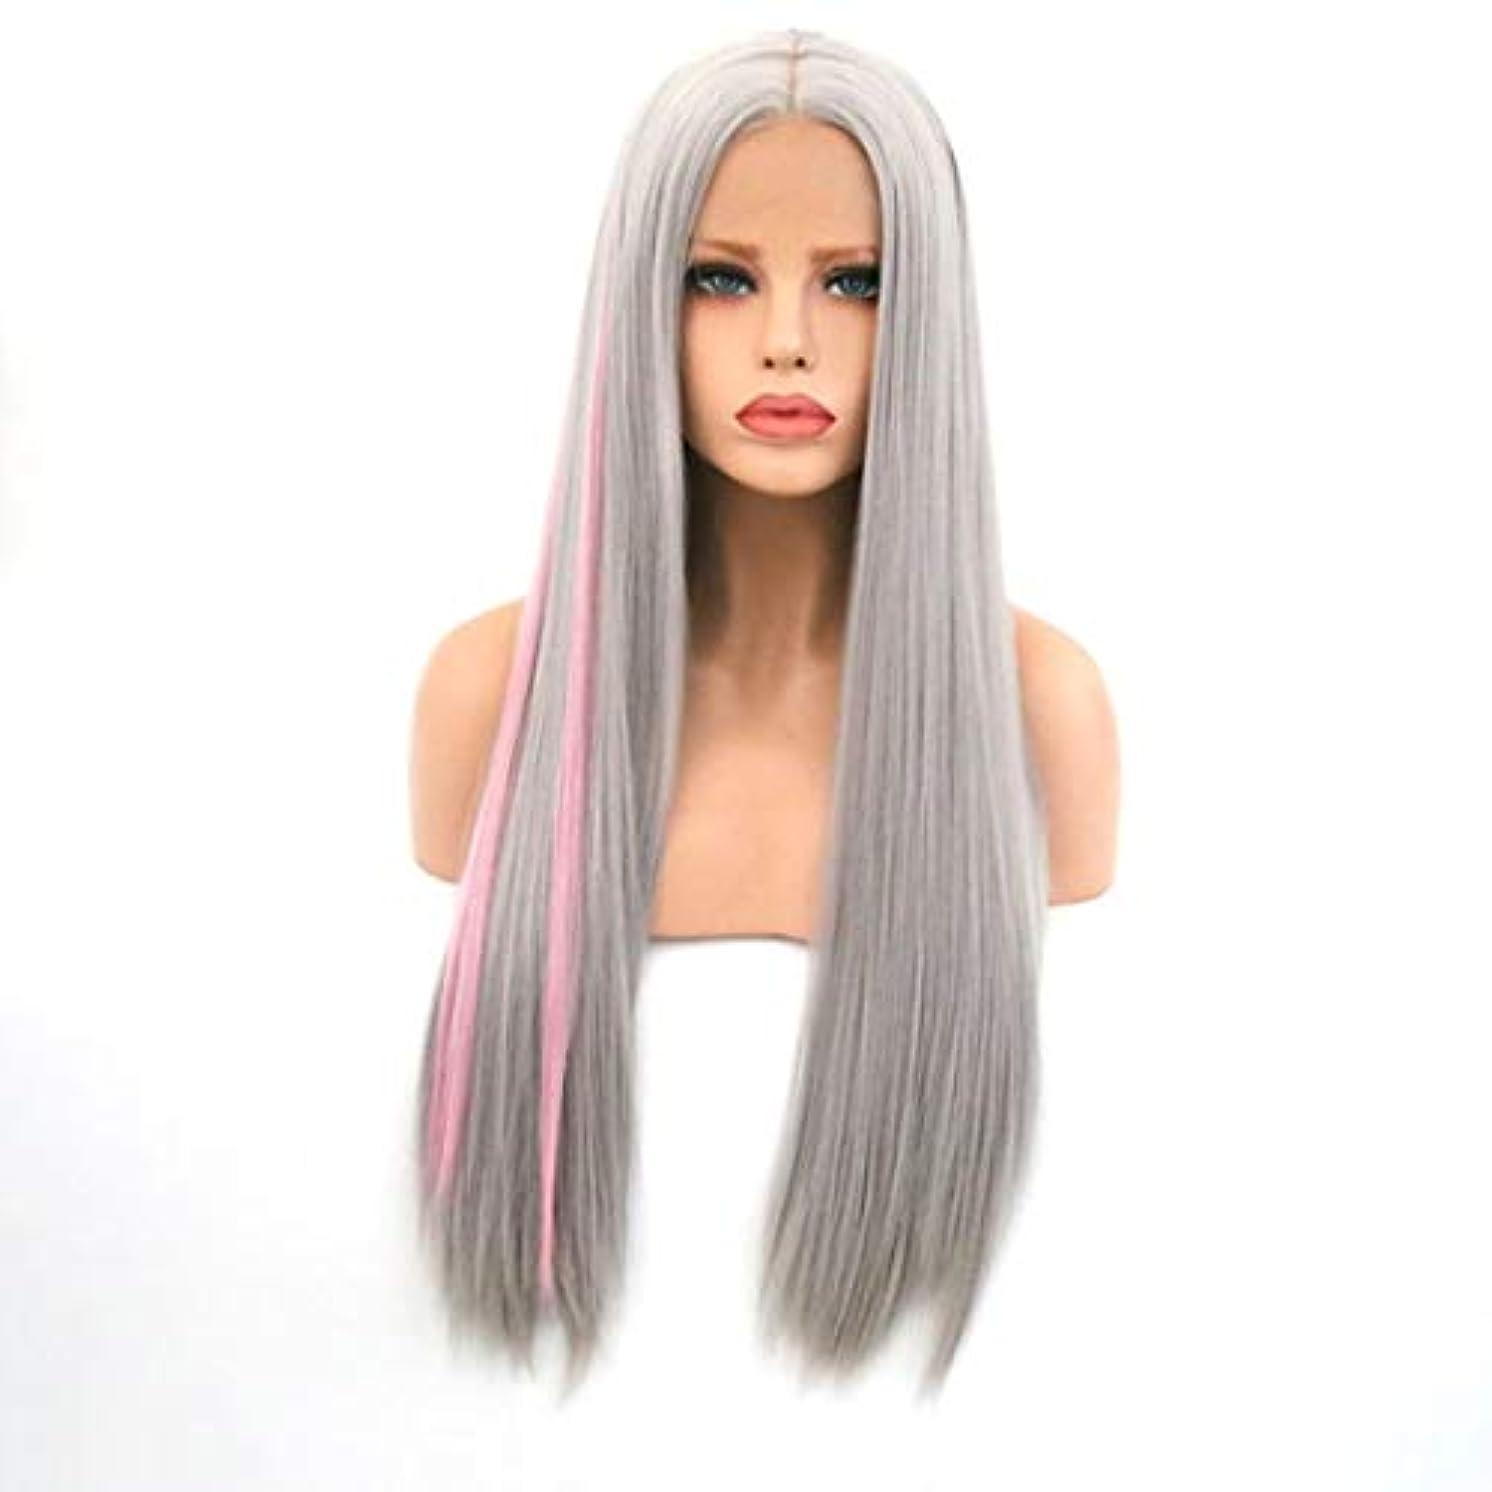 村スローガン繕うKerwinner 女性のためのロングストレートヘアフロントレース化学繊維ウィッグヘッドギアをかつら